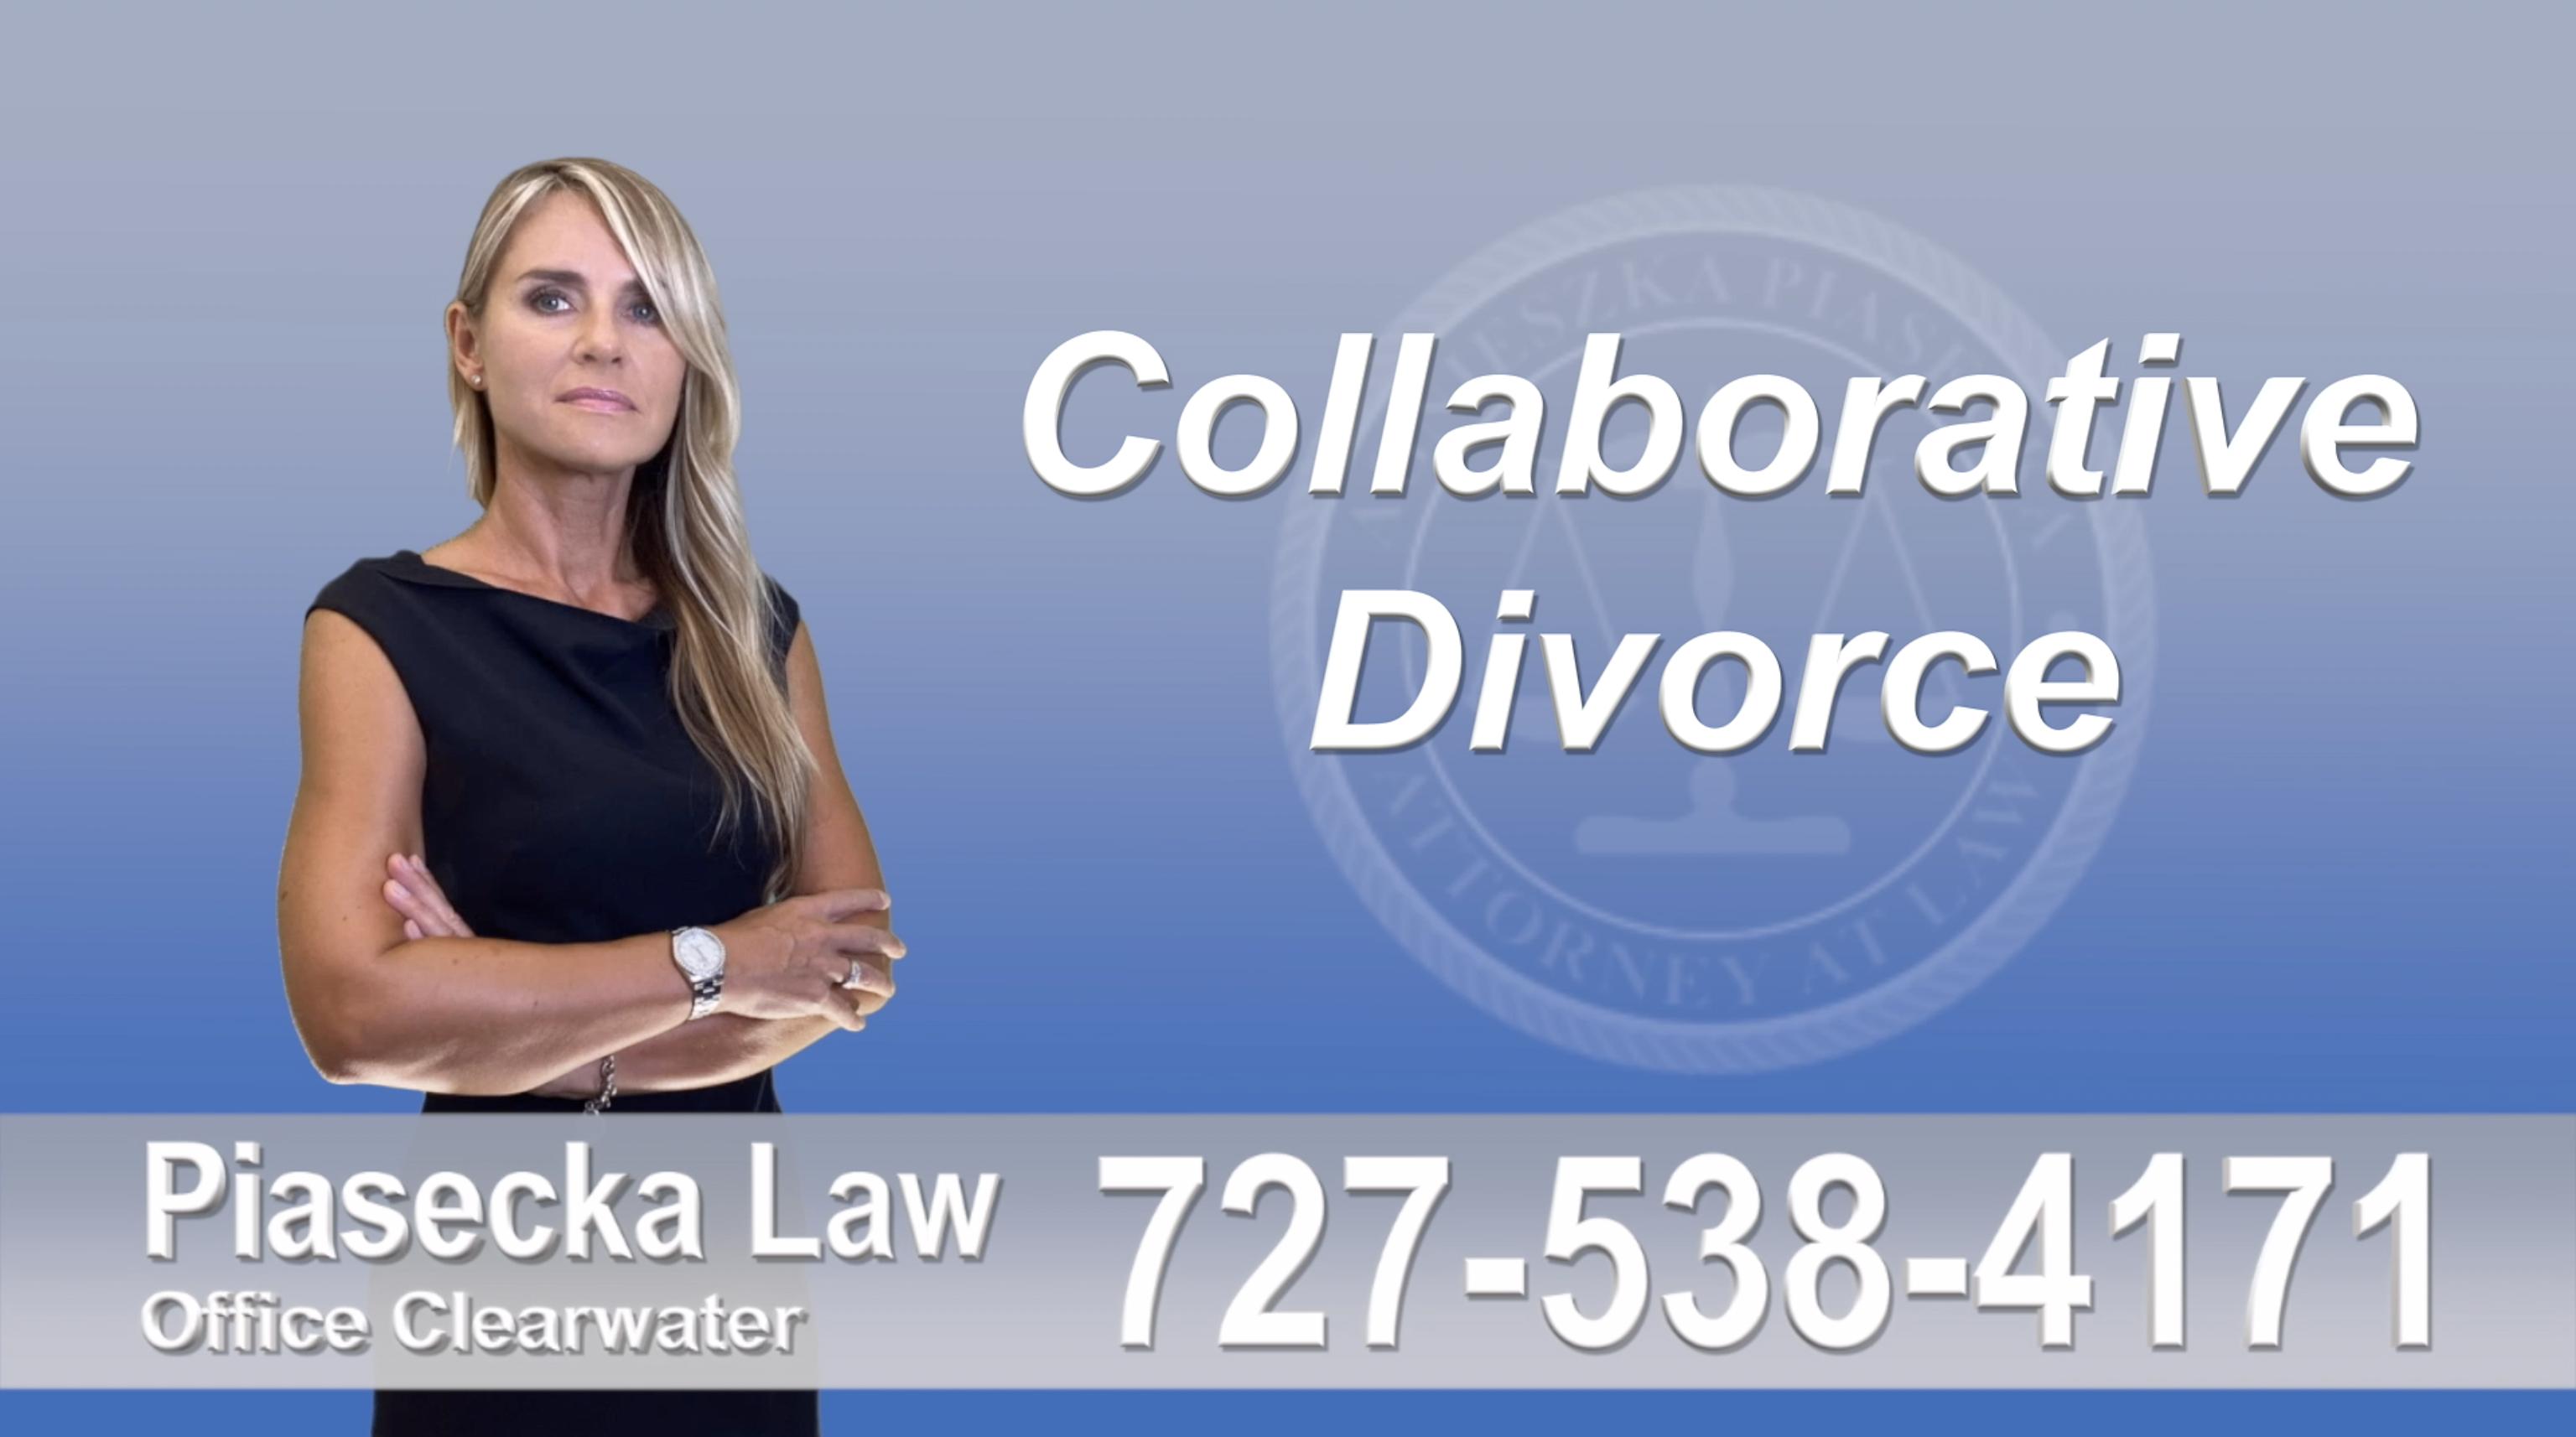 Pebble Creek Collaborative, Attorney, Piasecka, Prawnik, Rozwodowy, Rozwód, Adwokat, Najlepszy, Best, Attorney, Divorce, Lawyer